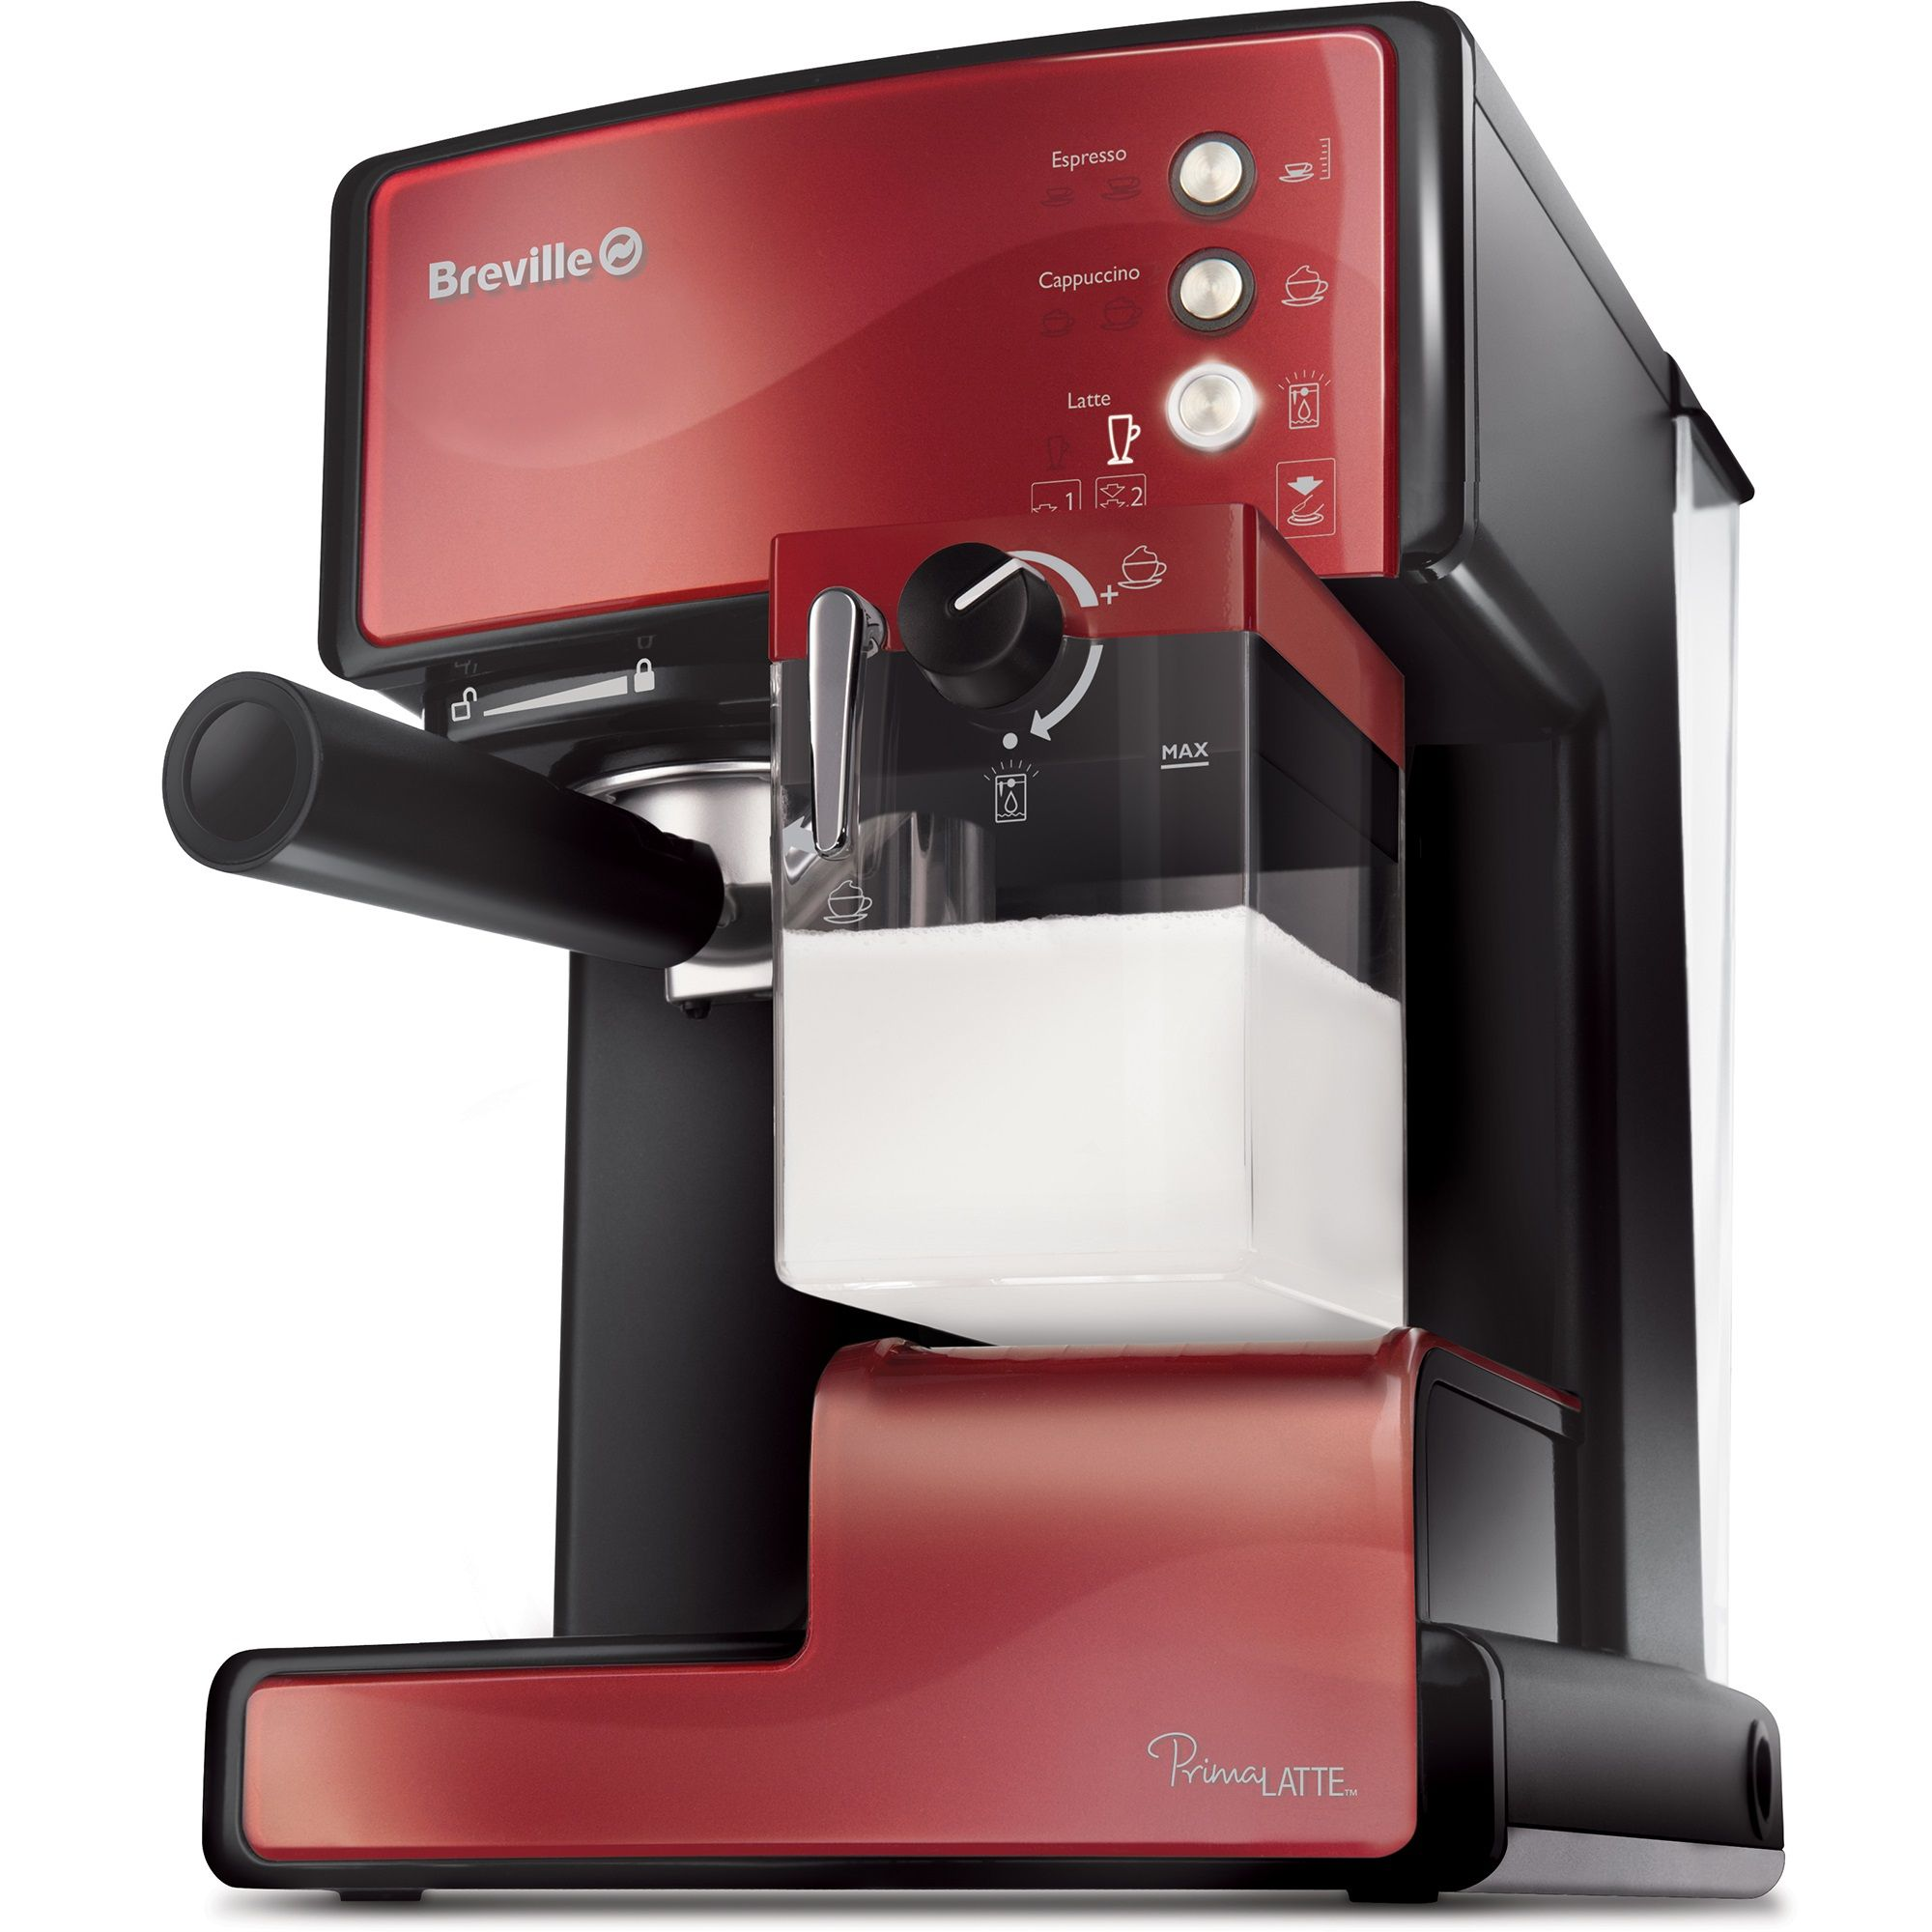 Еспресо машина Breville Prima Latte VCF046X-01, Функция разпенване на млякото, Функция Cappuccino, Самопочистване, 15 бара, 1.5 л, Съд за мляко 0.3 л, Тъмночервена